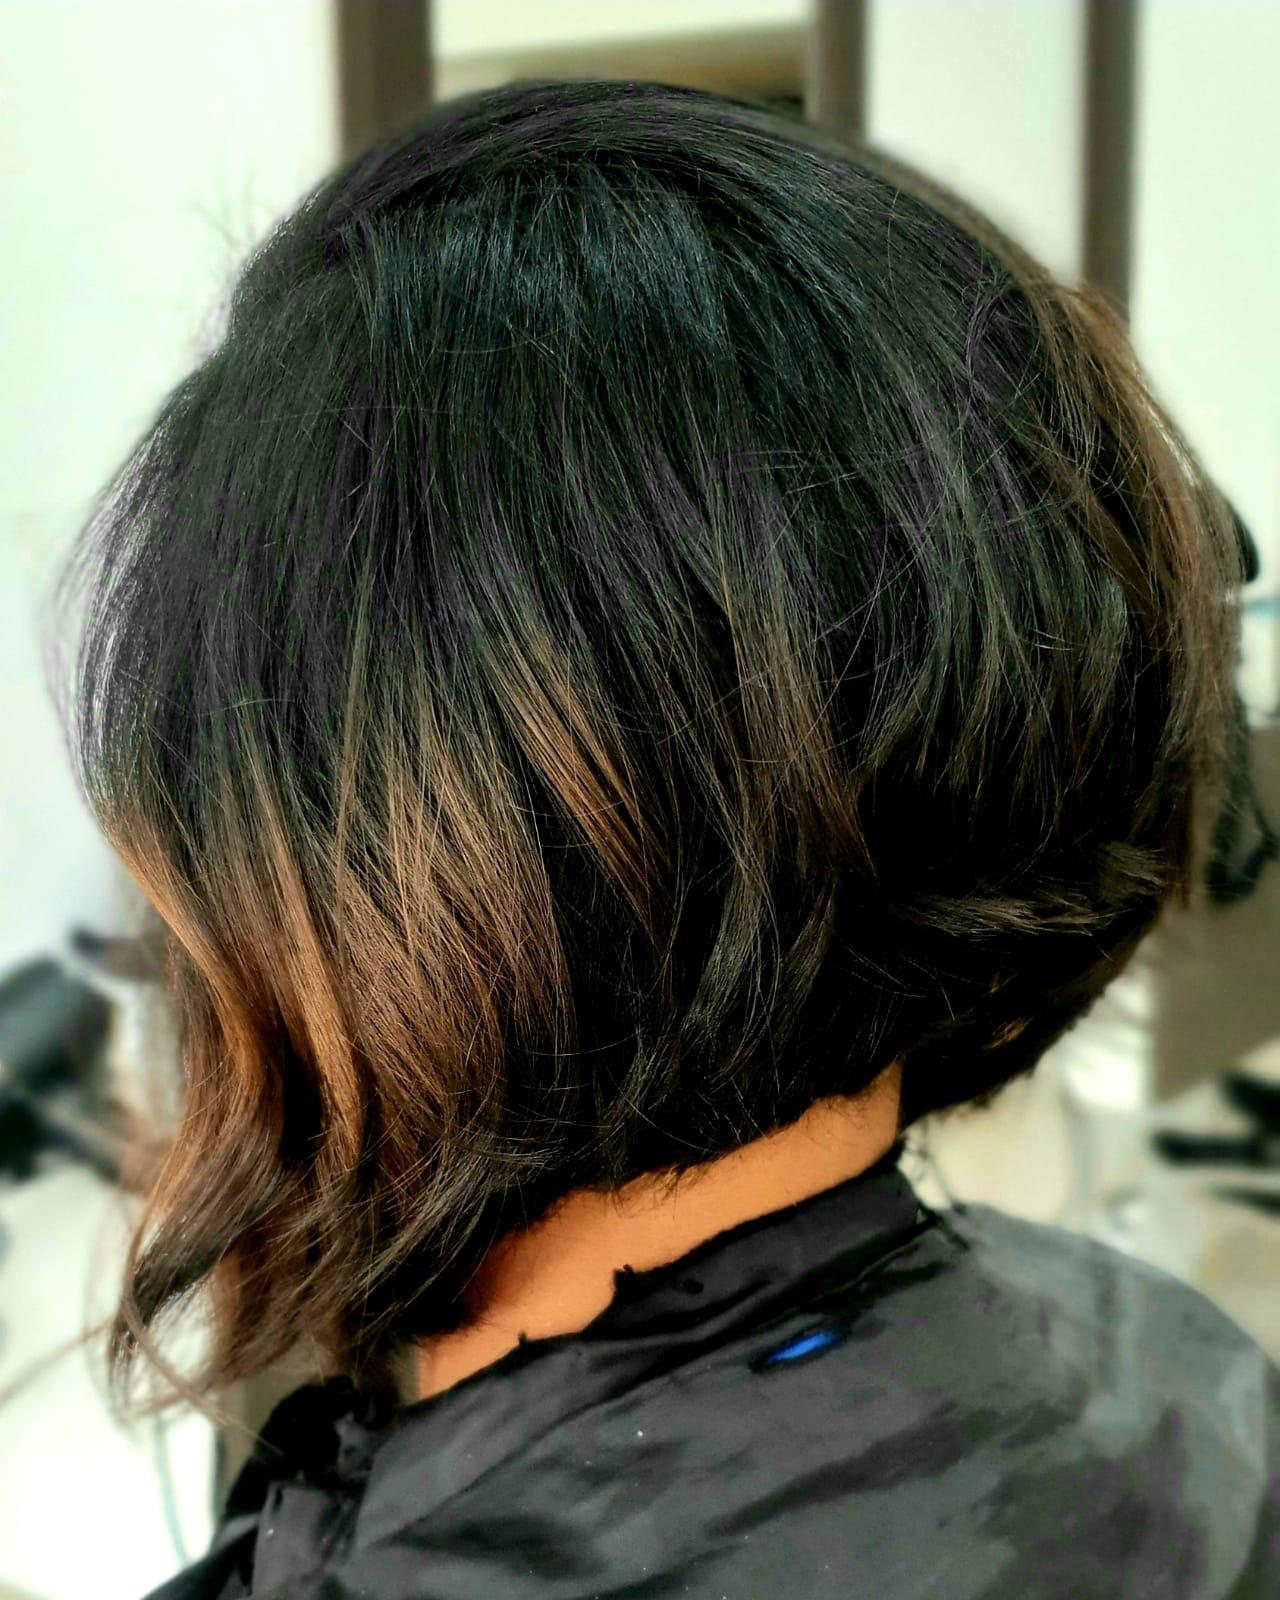 salon de coiffure afro tresse tresses box braids crochet braids vanilles tissages paris 75 77 78 91 92 93 94 95 KZQYHMCW